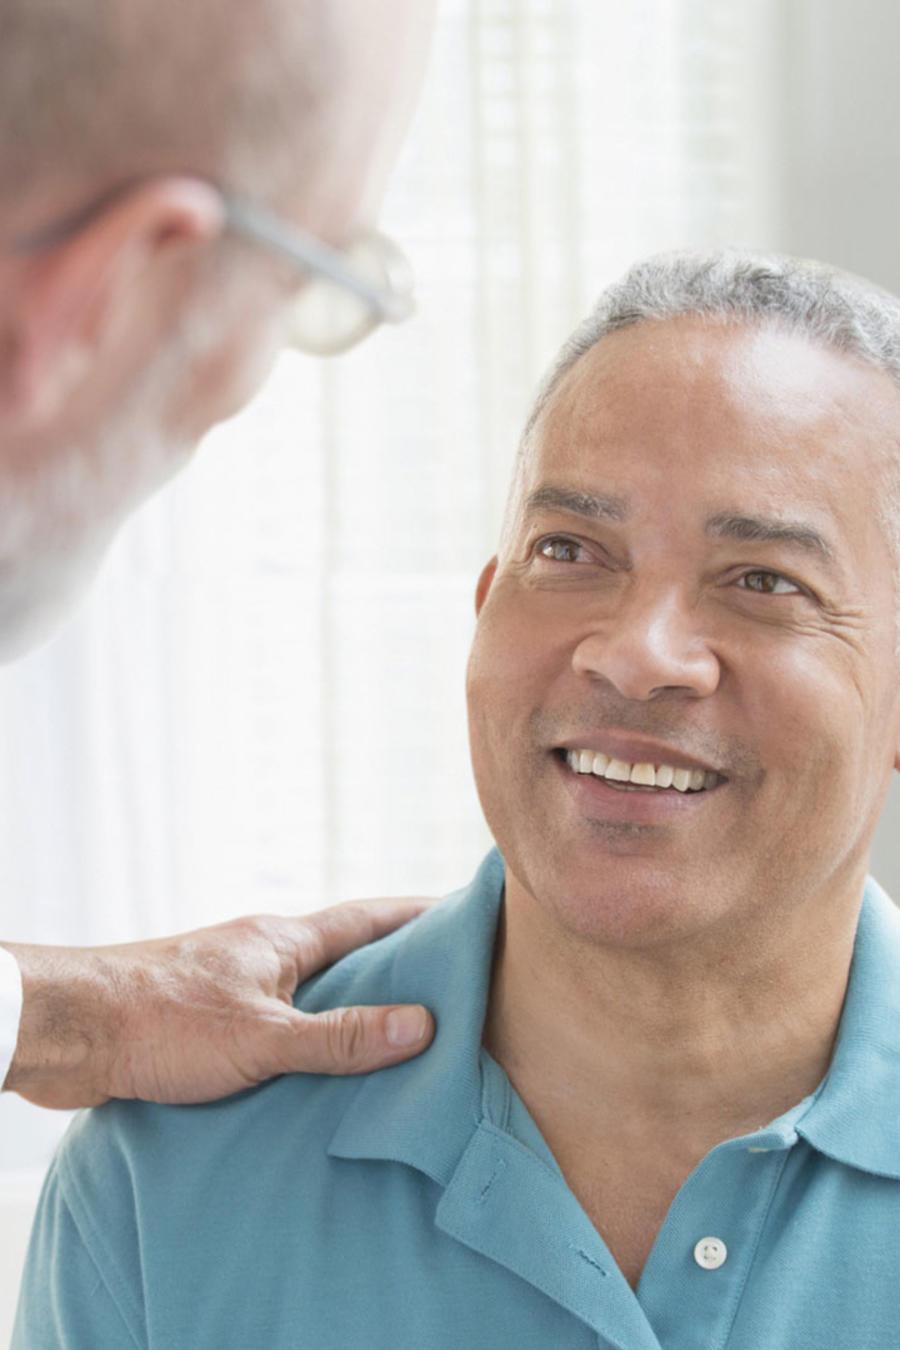 Médico hablando con un paciente hispano en su consultorio